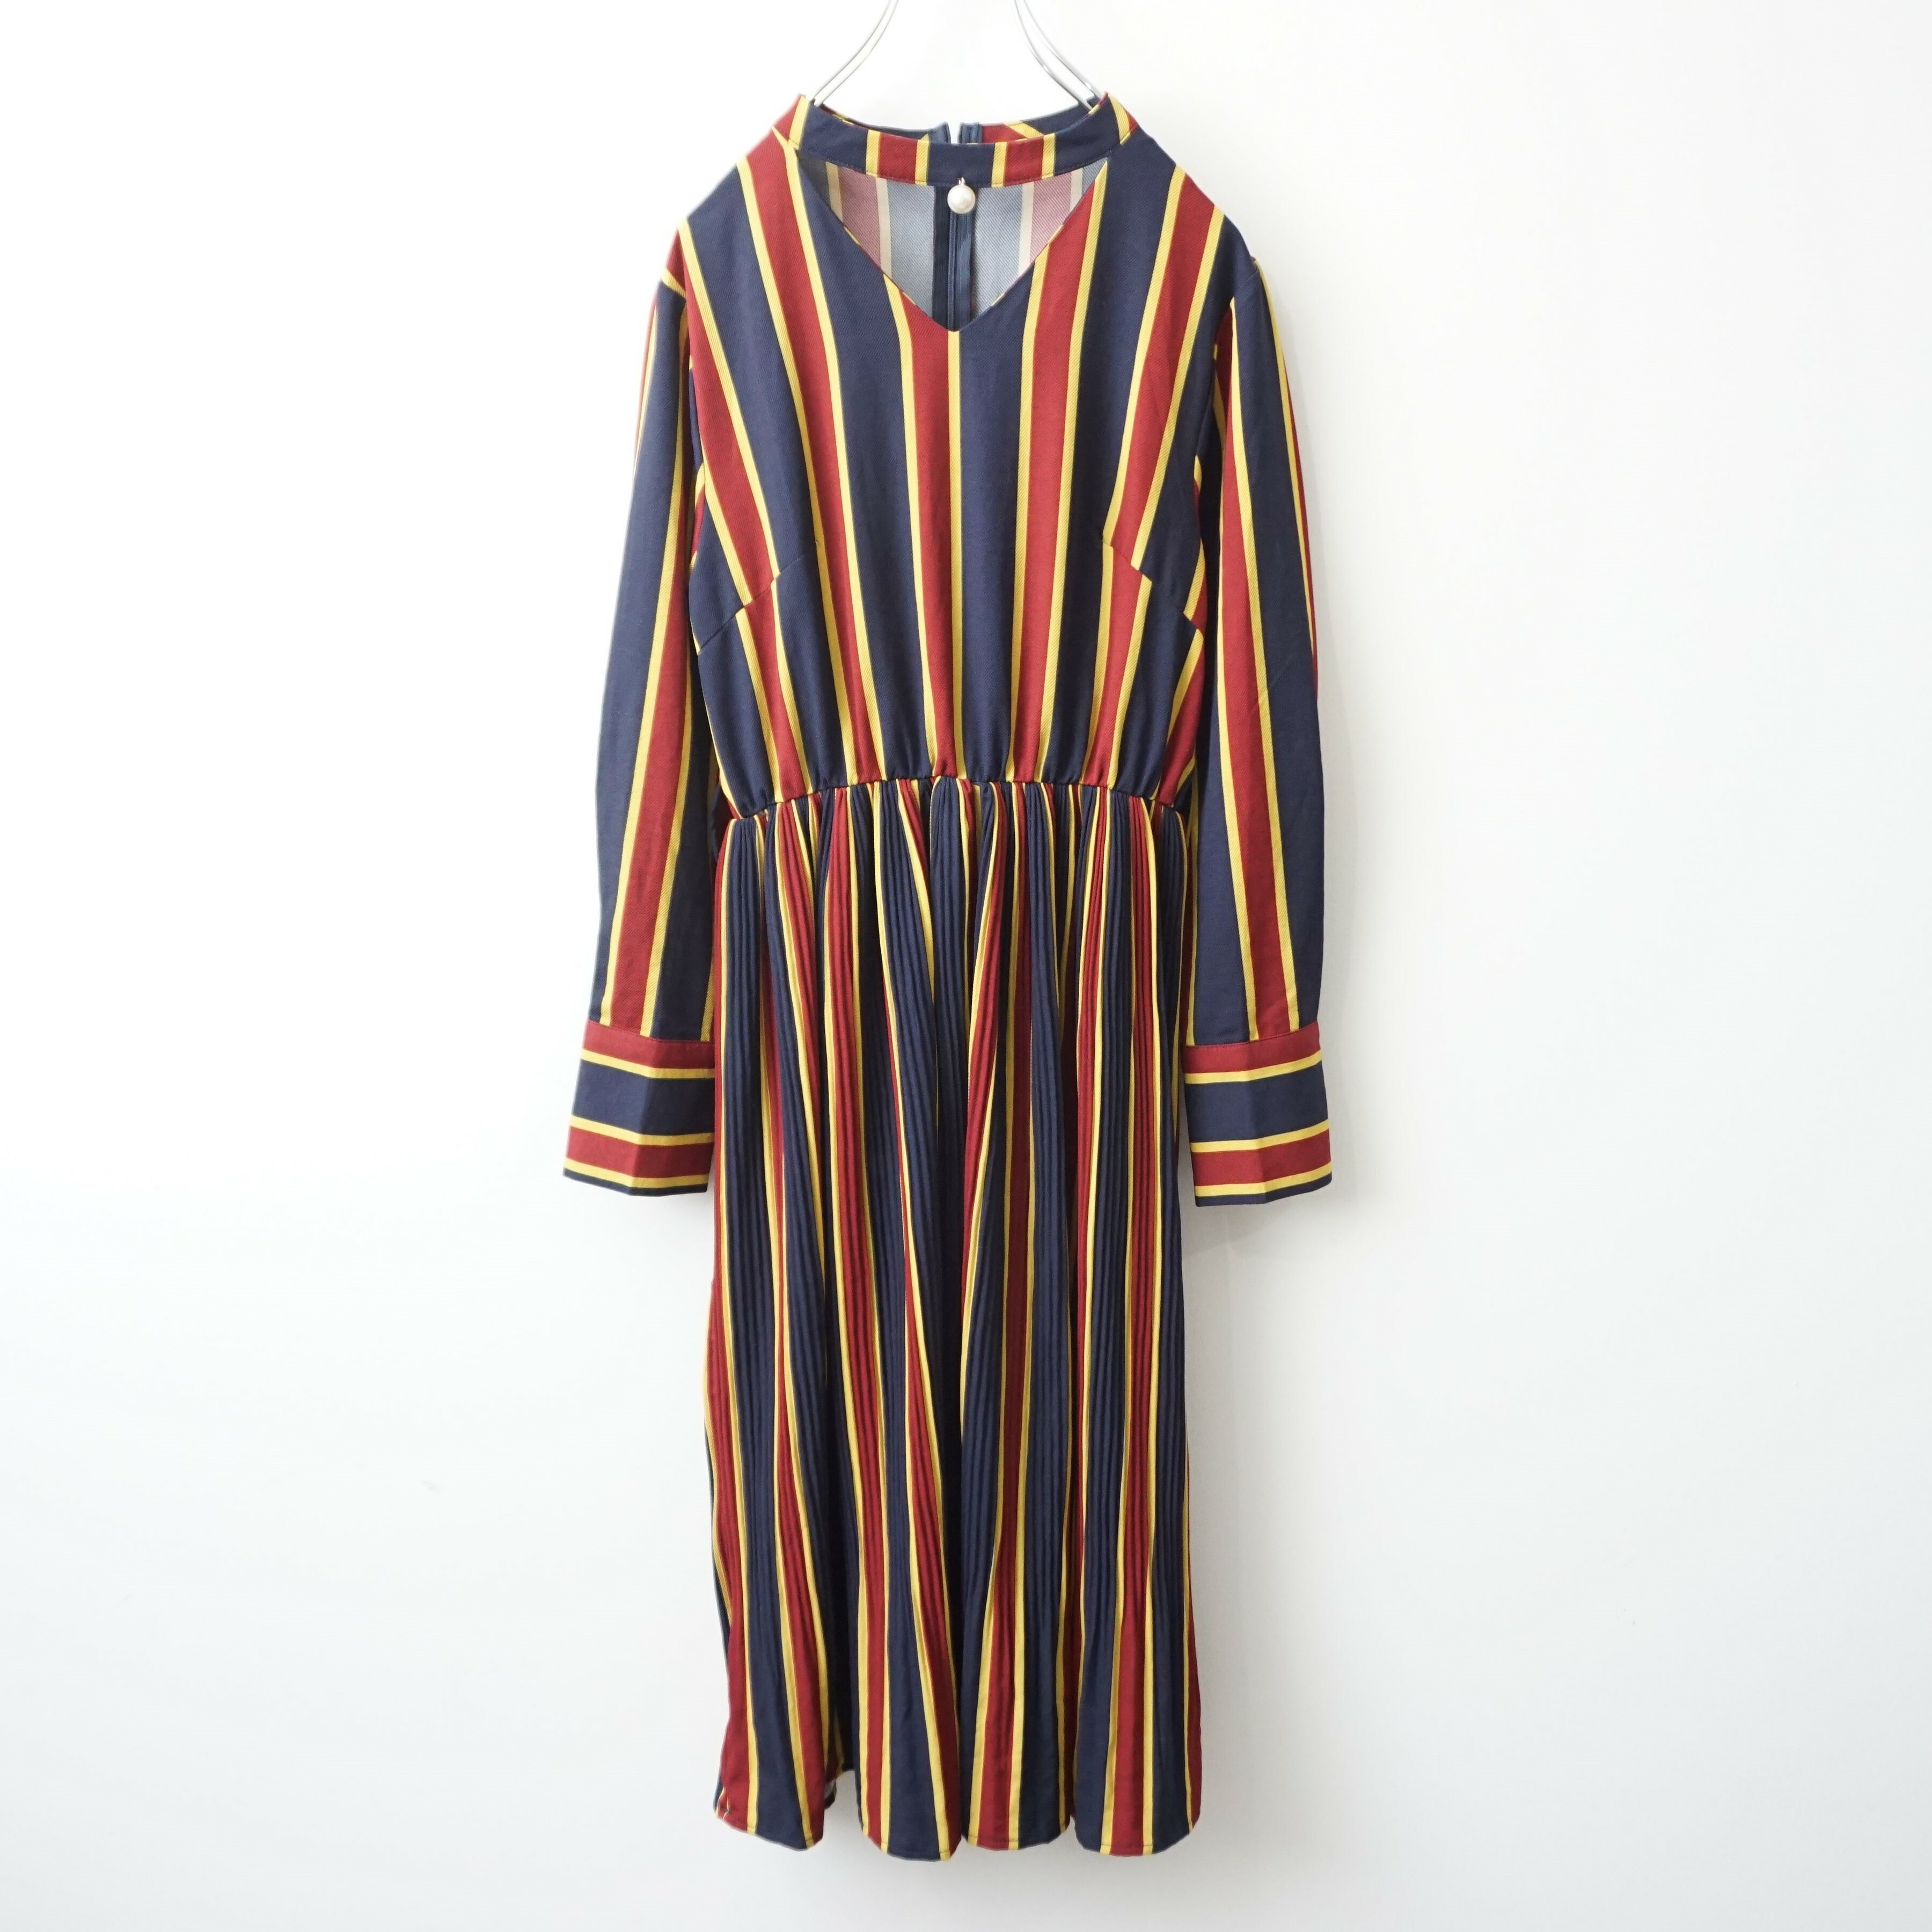 Retro stripe one-piece